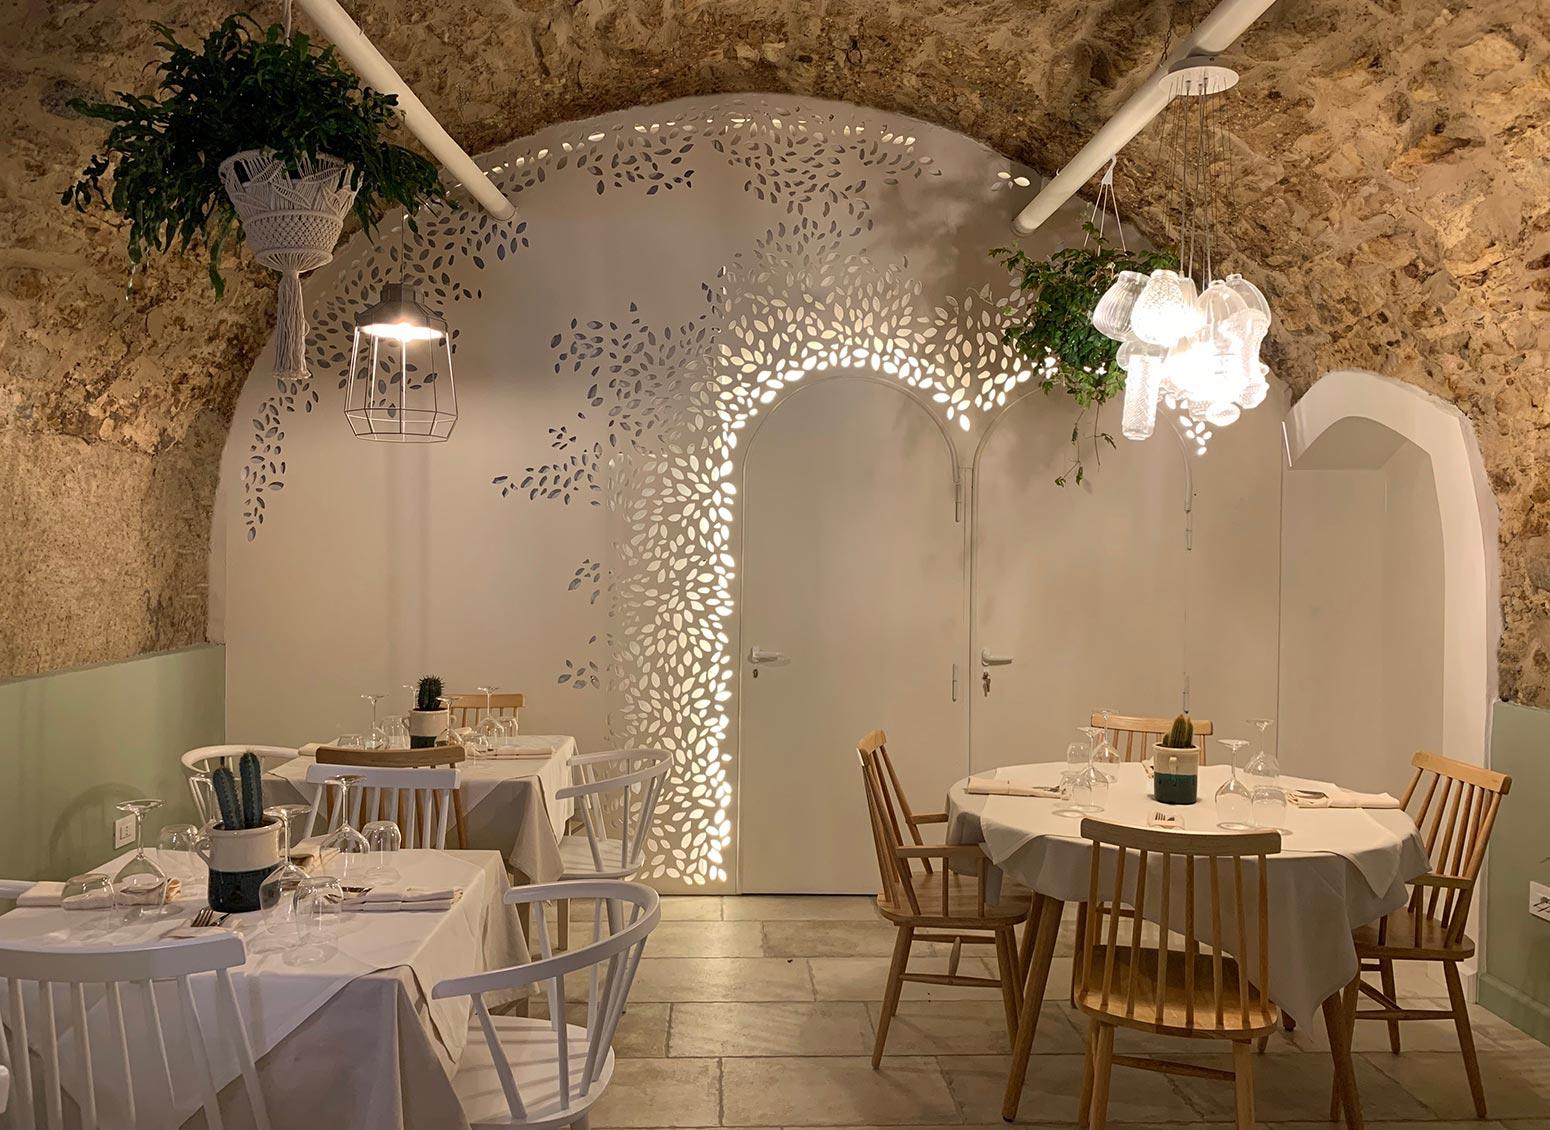 Progettare l'illuminazione di un ristorante: come creare la giusta atmosfera